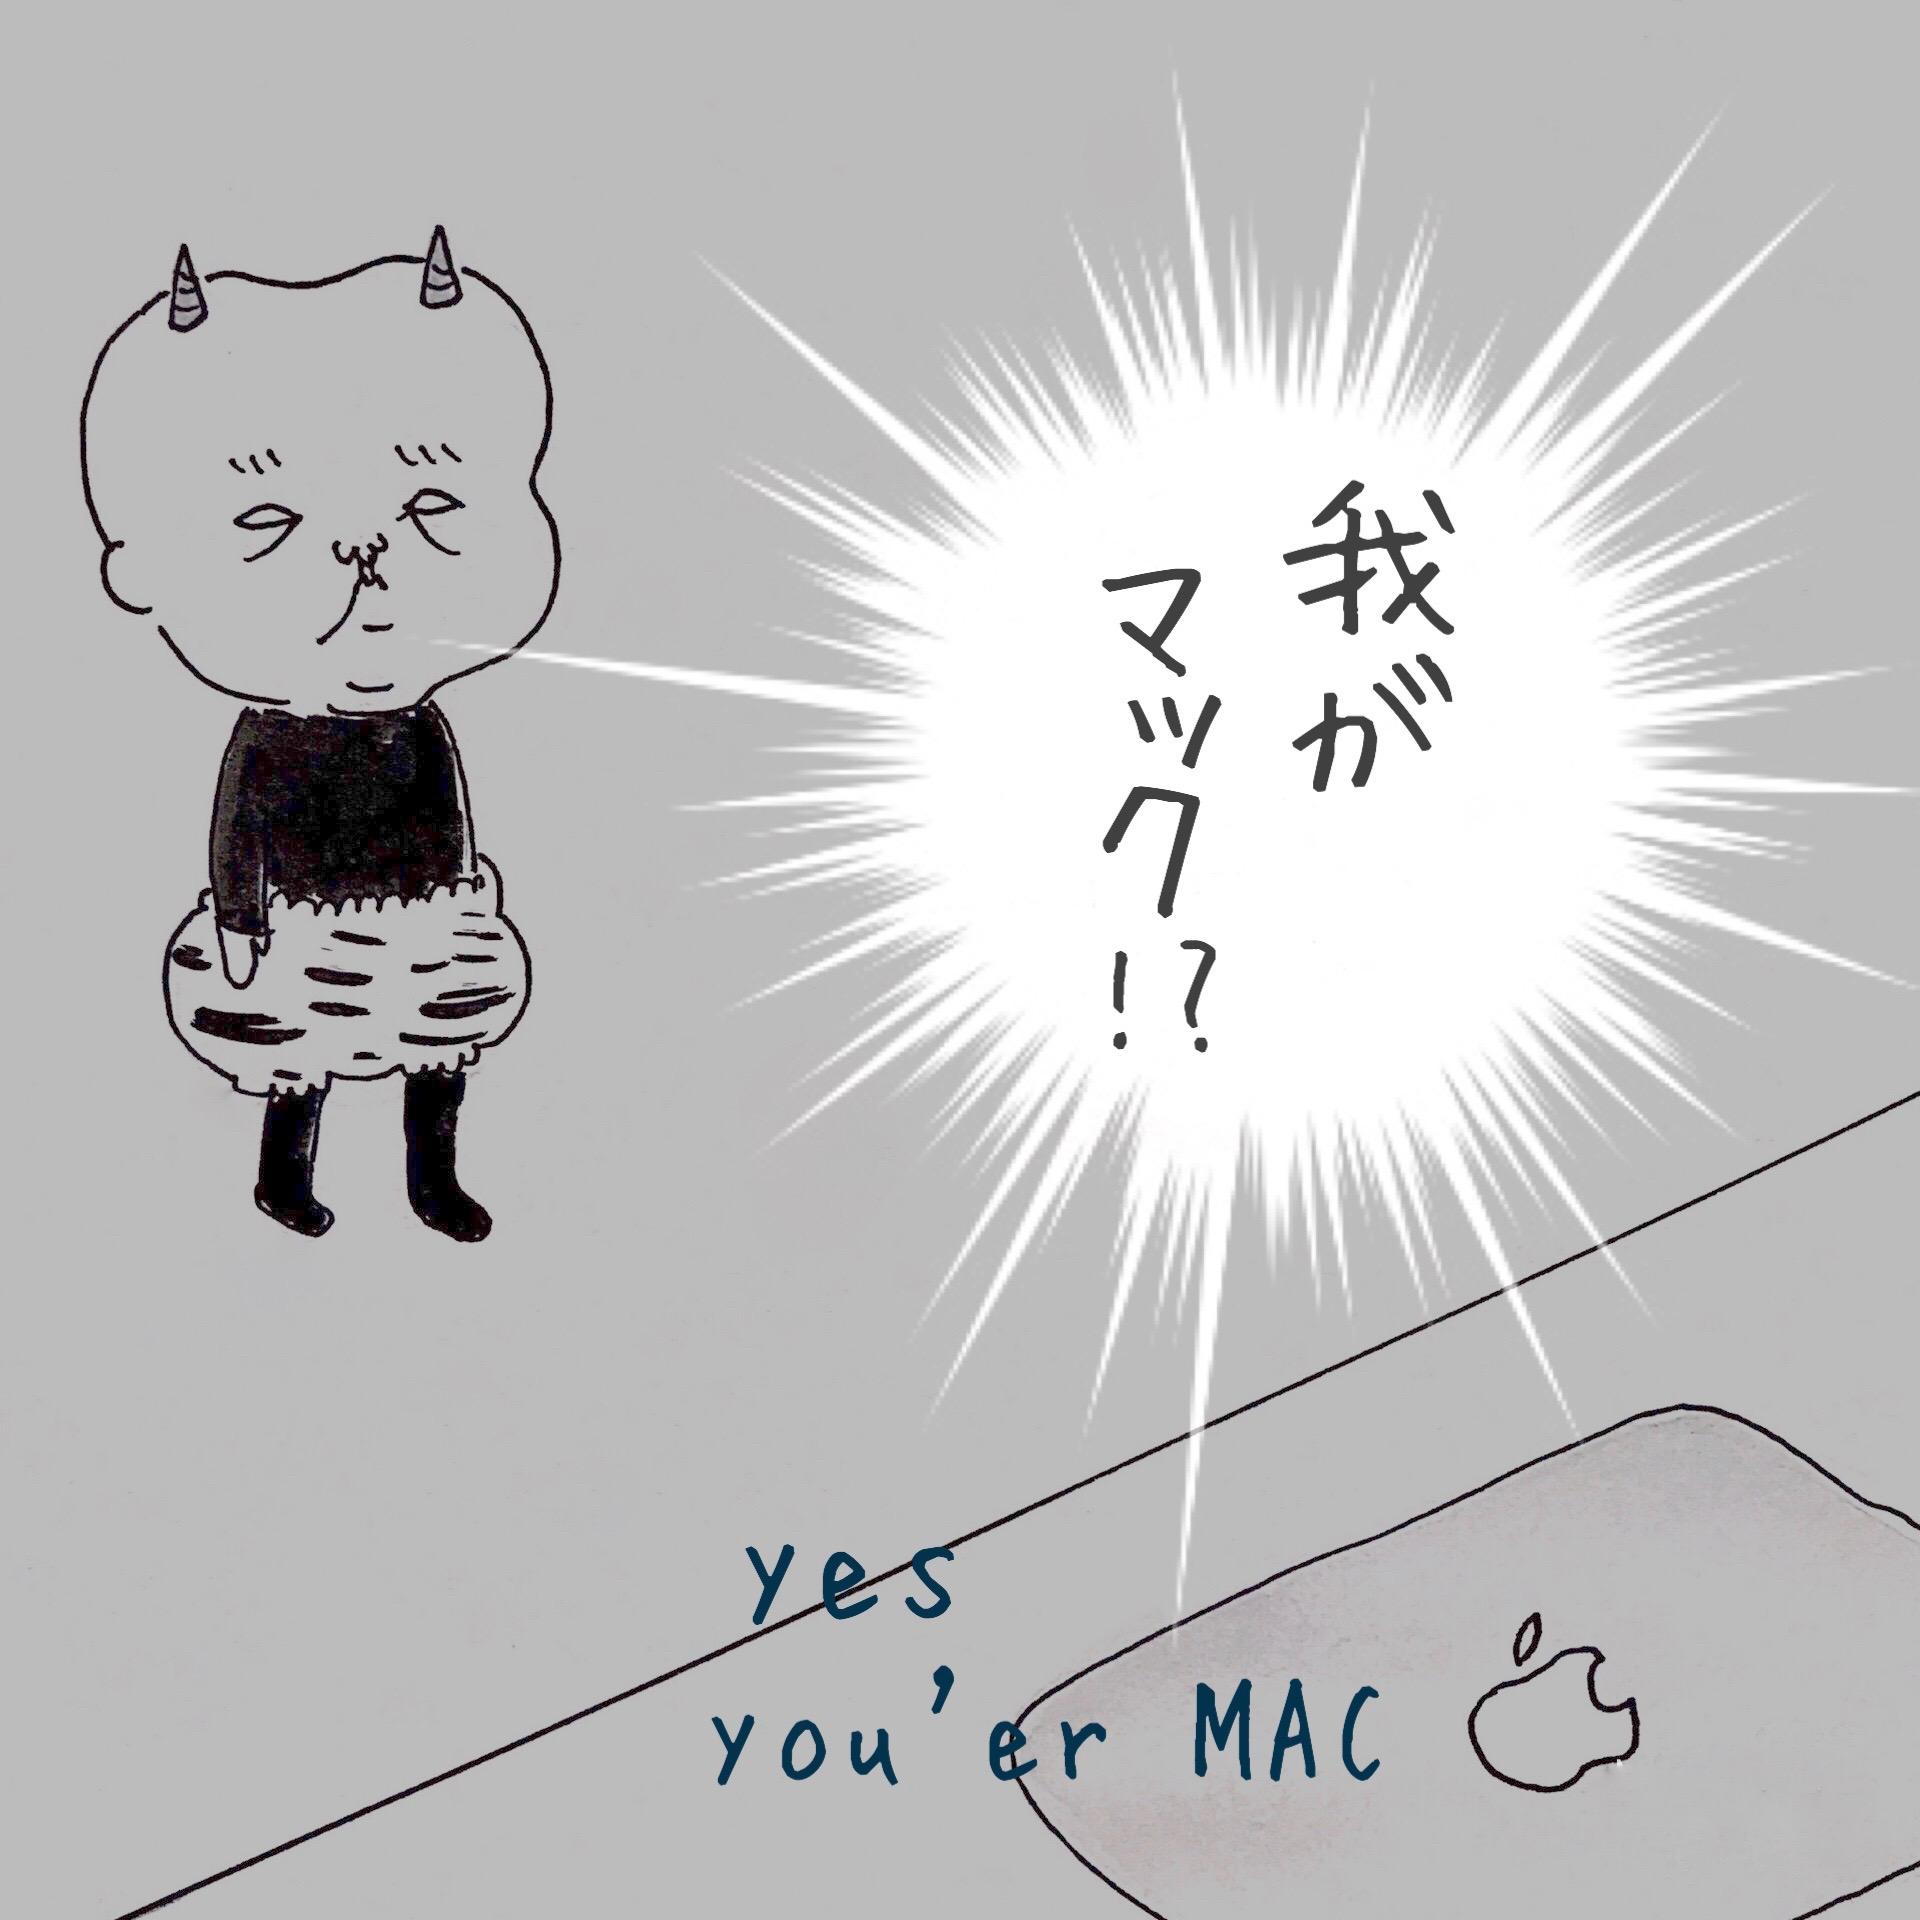 テレパシー会話漫画3